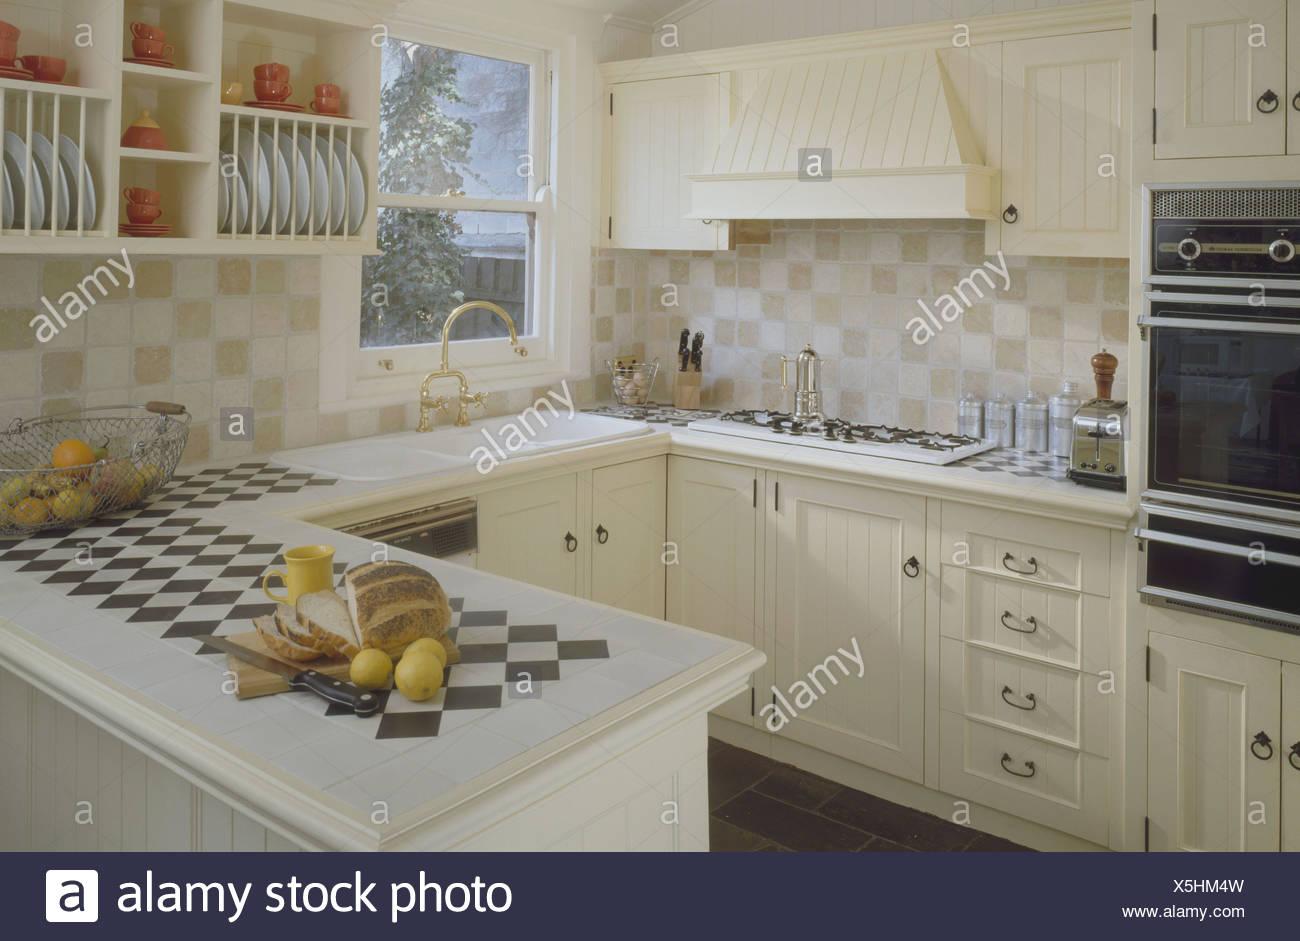 Vistoso Rojo Azulejos De La Cocina Bq Imagen - Ideas de Decoración ...